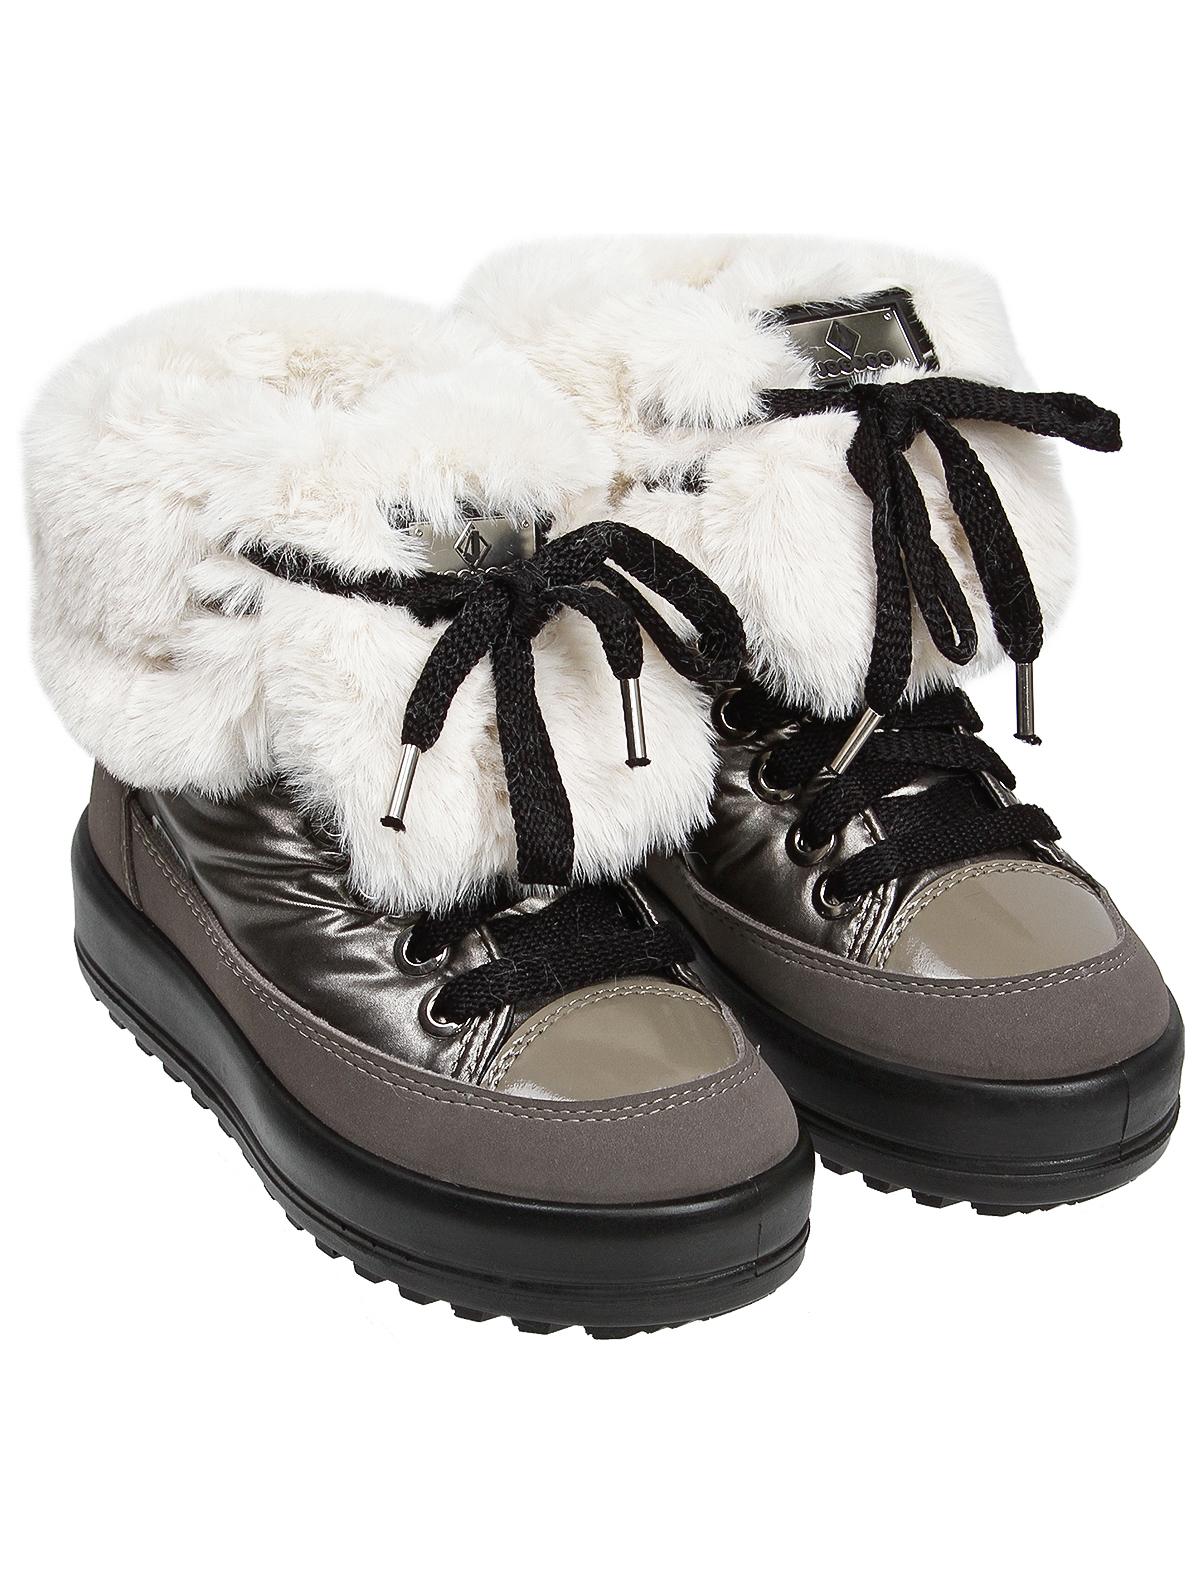 Ботинки Jog Dog серого цвета